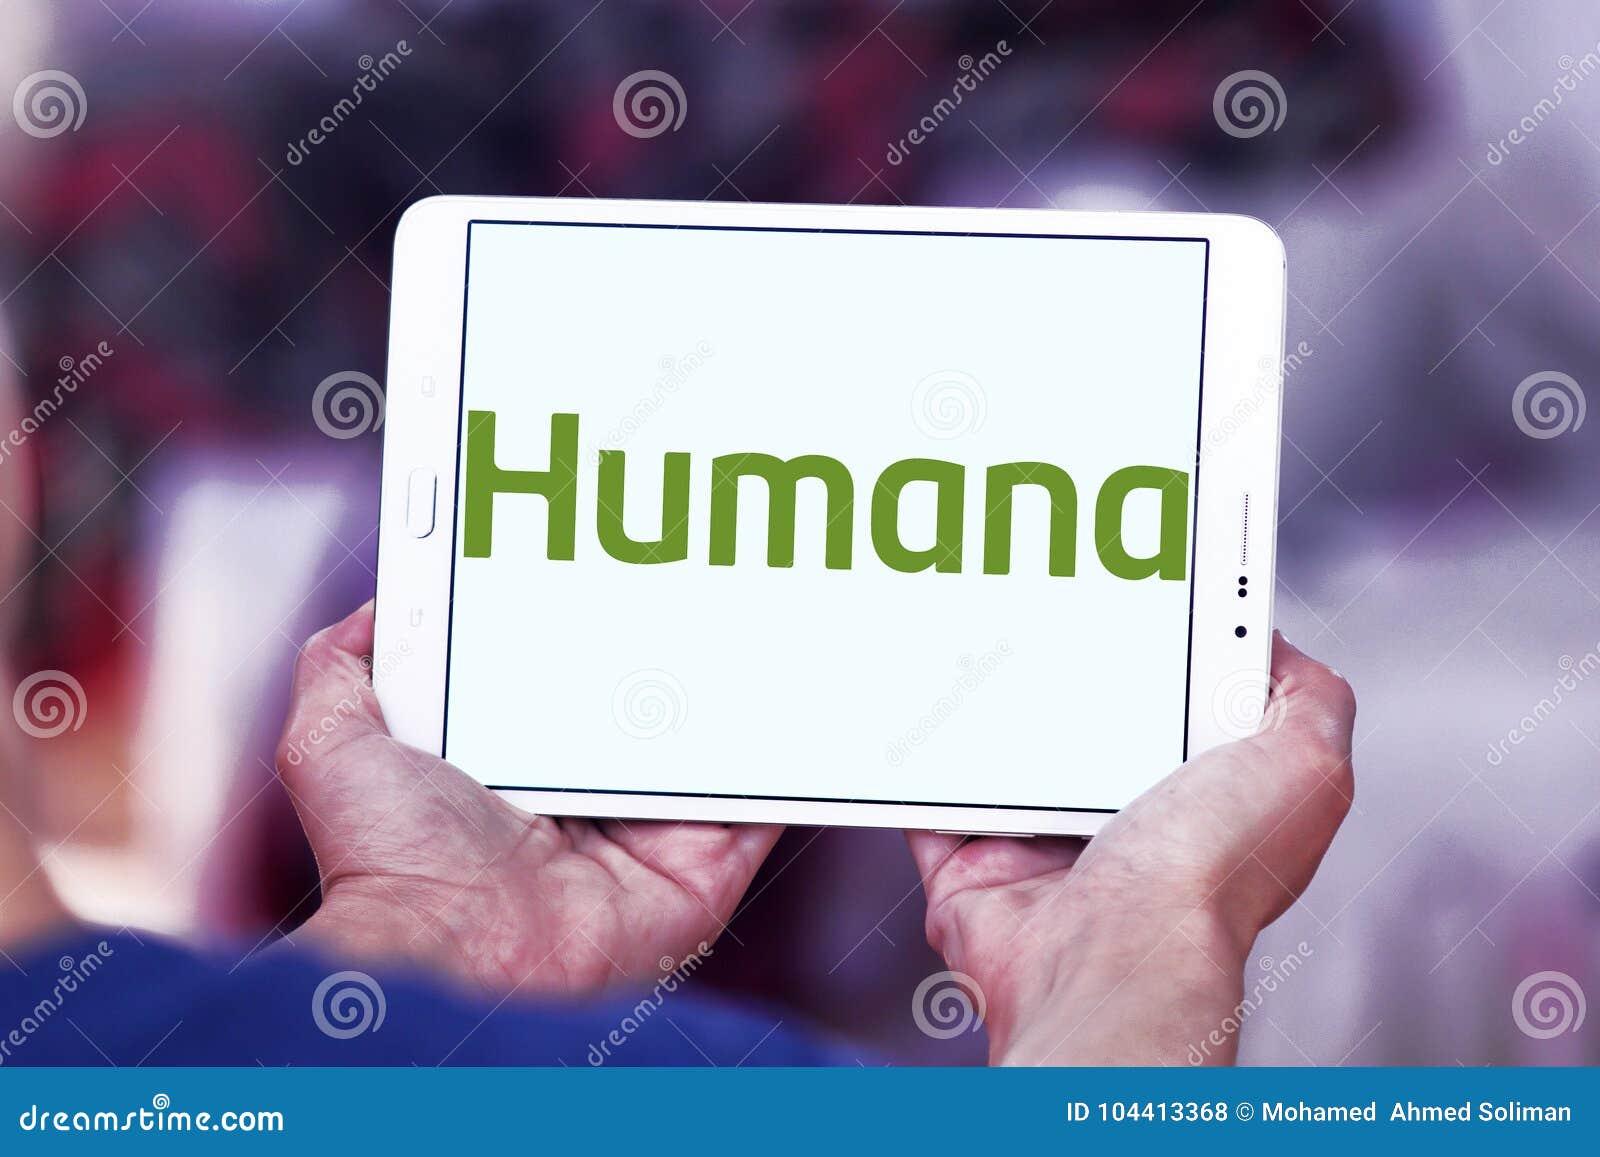 Humana Health Insurance >> Humana Health Insurance Company Logo Editorial Stock Photo